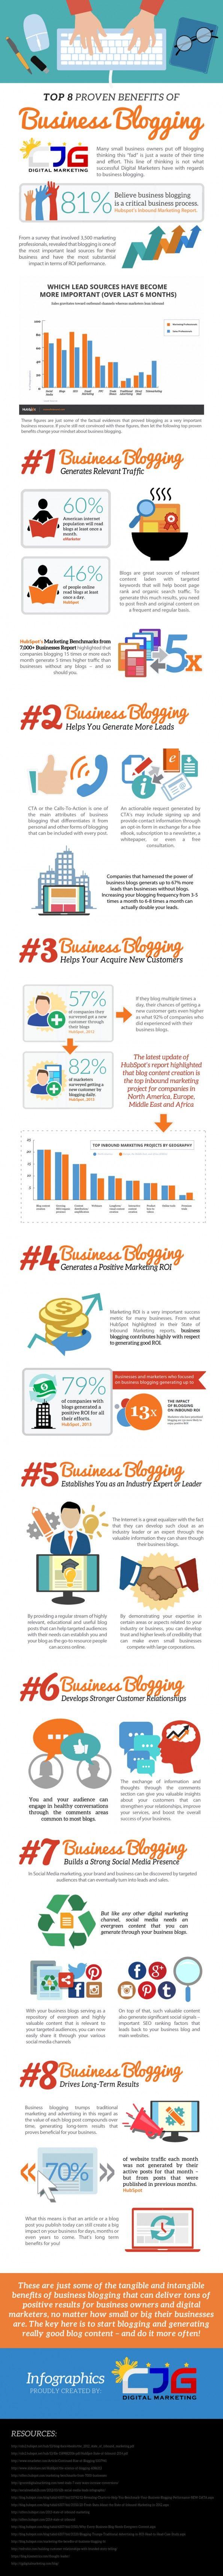 'Waarom zou ik?'. Is dit het eerste wat in je opkomt als je denkt aan bloggen voor je bedrijf? In onze blogworkshop geven we je tal van redenen om te beginnen. En in deze infographics staan ook een paar mooie redenen op een rij!